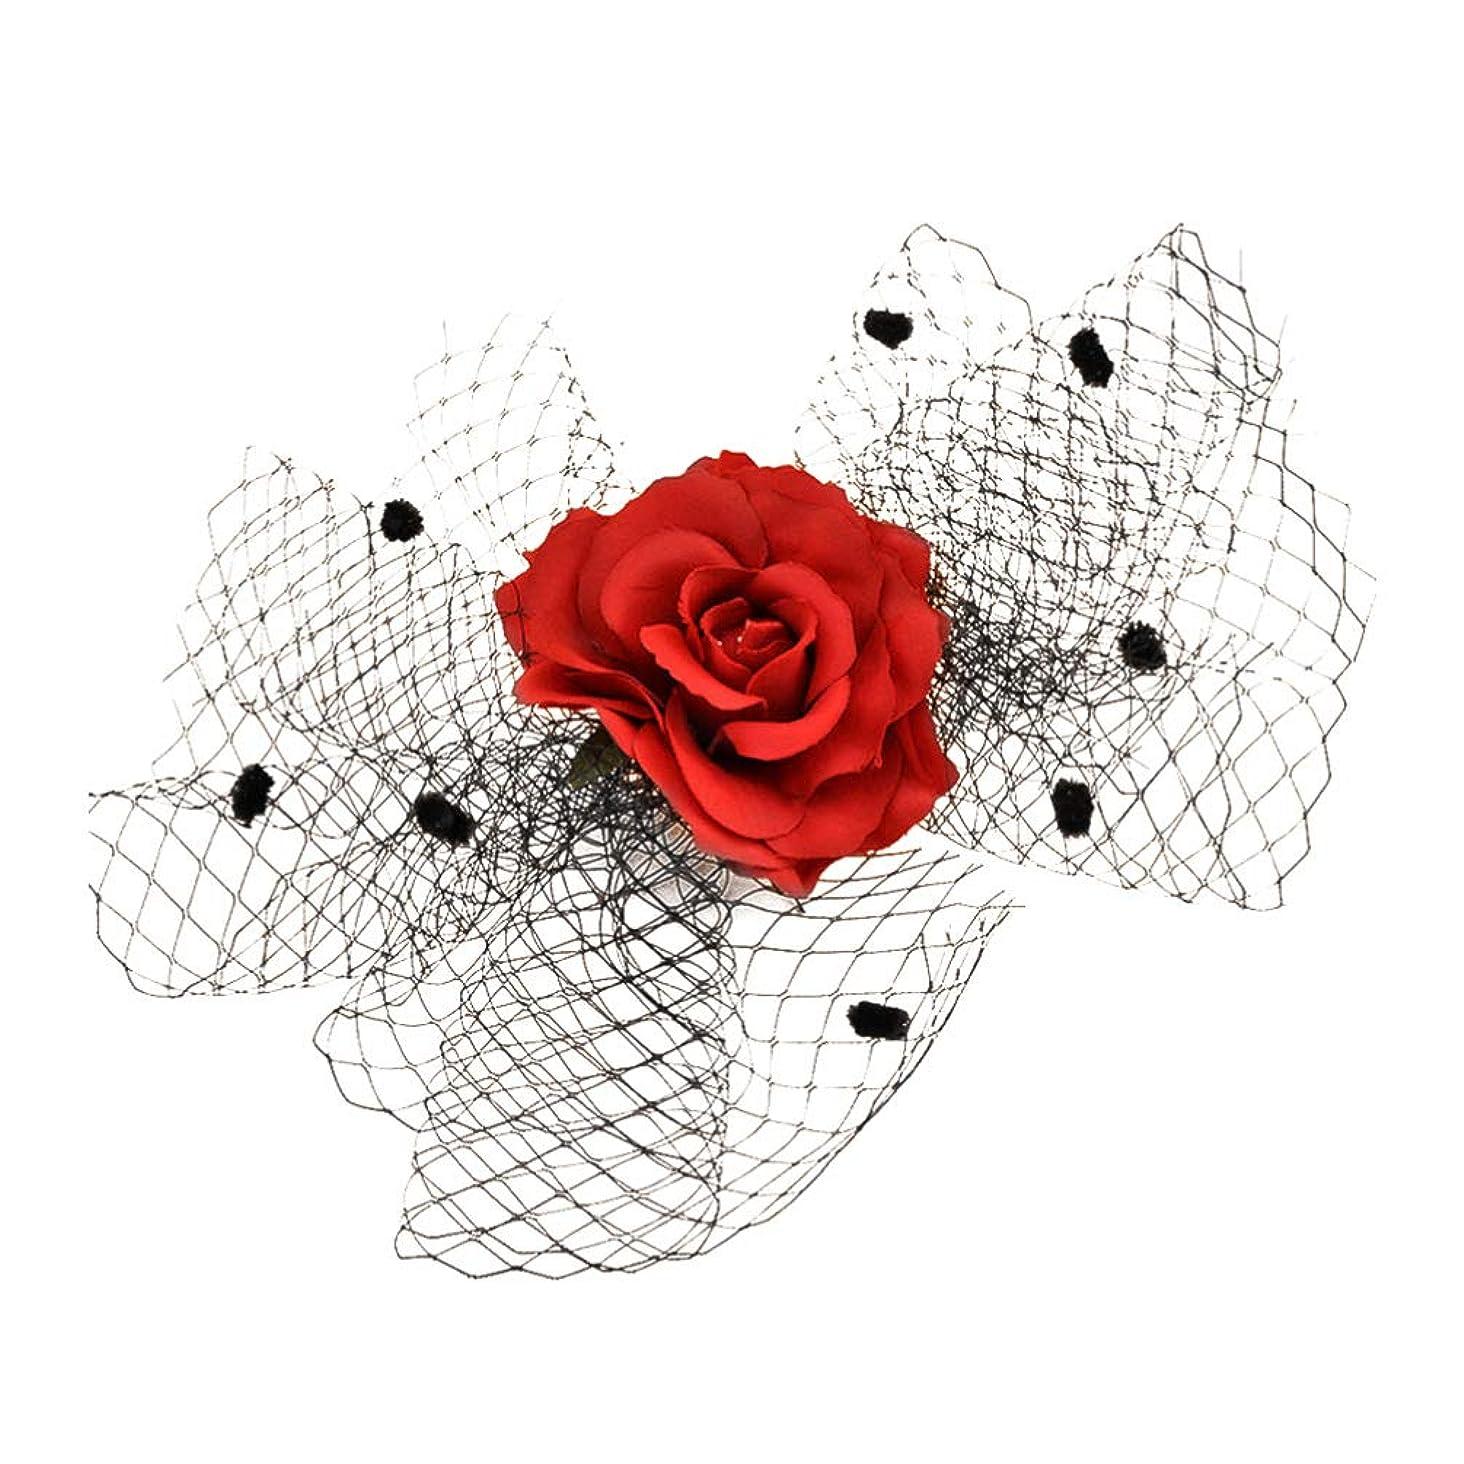 可能にする好意的失礼NUOBESTY ローズガーゼヘッドドレス美しいメッシュネットシャイニングヘアクリップヘアピン帽子パーティーパフォーマンスコスプレ用(赤)